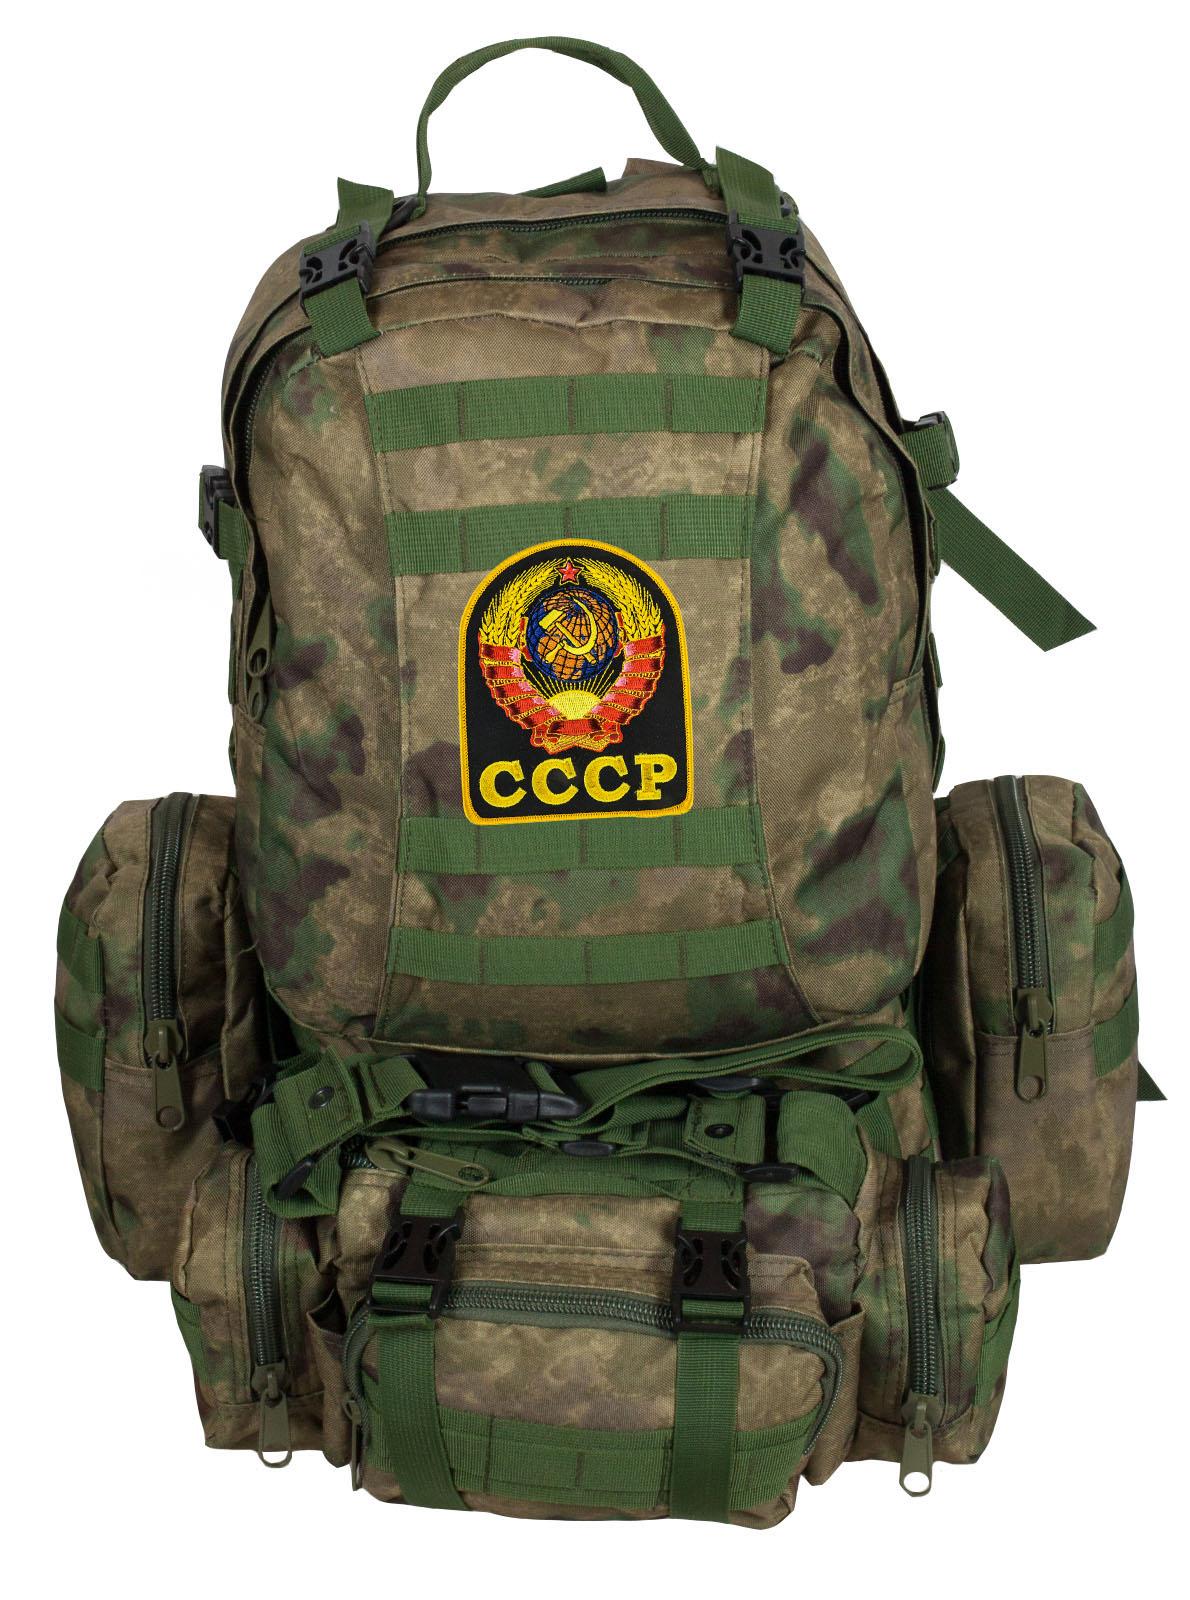 Большой тактический военный рюкзак для полевых условий с эмблемой СССР